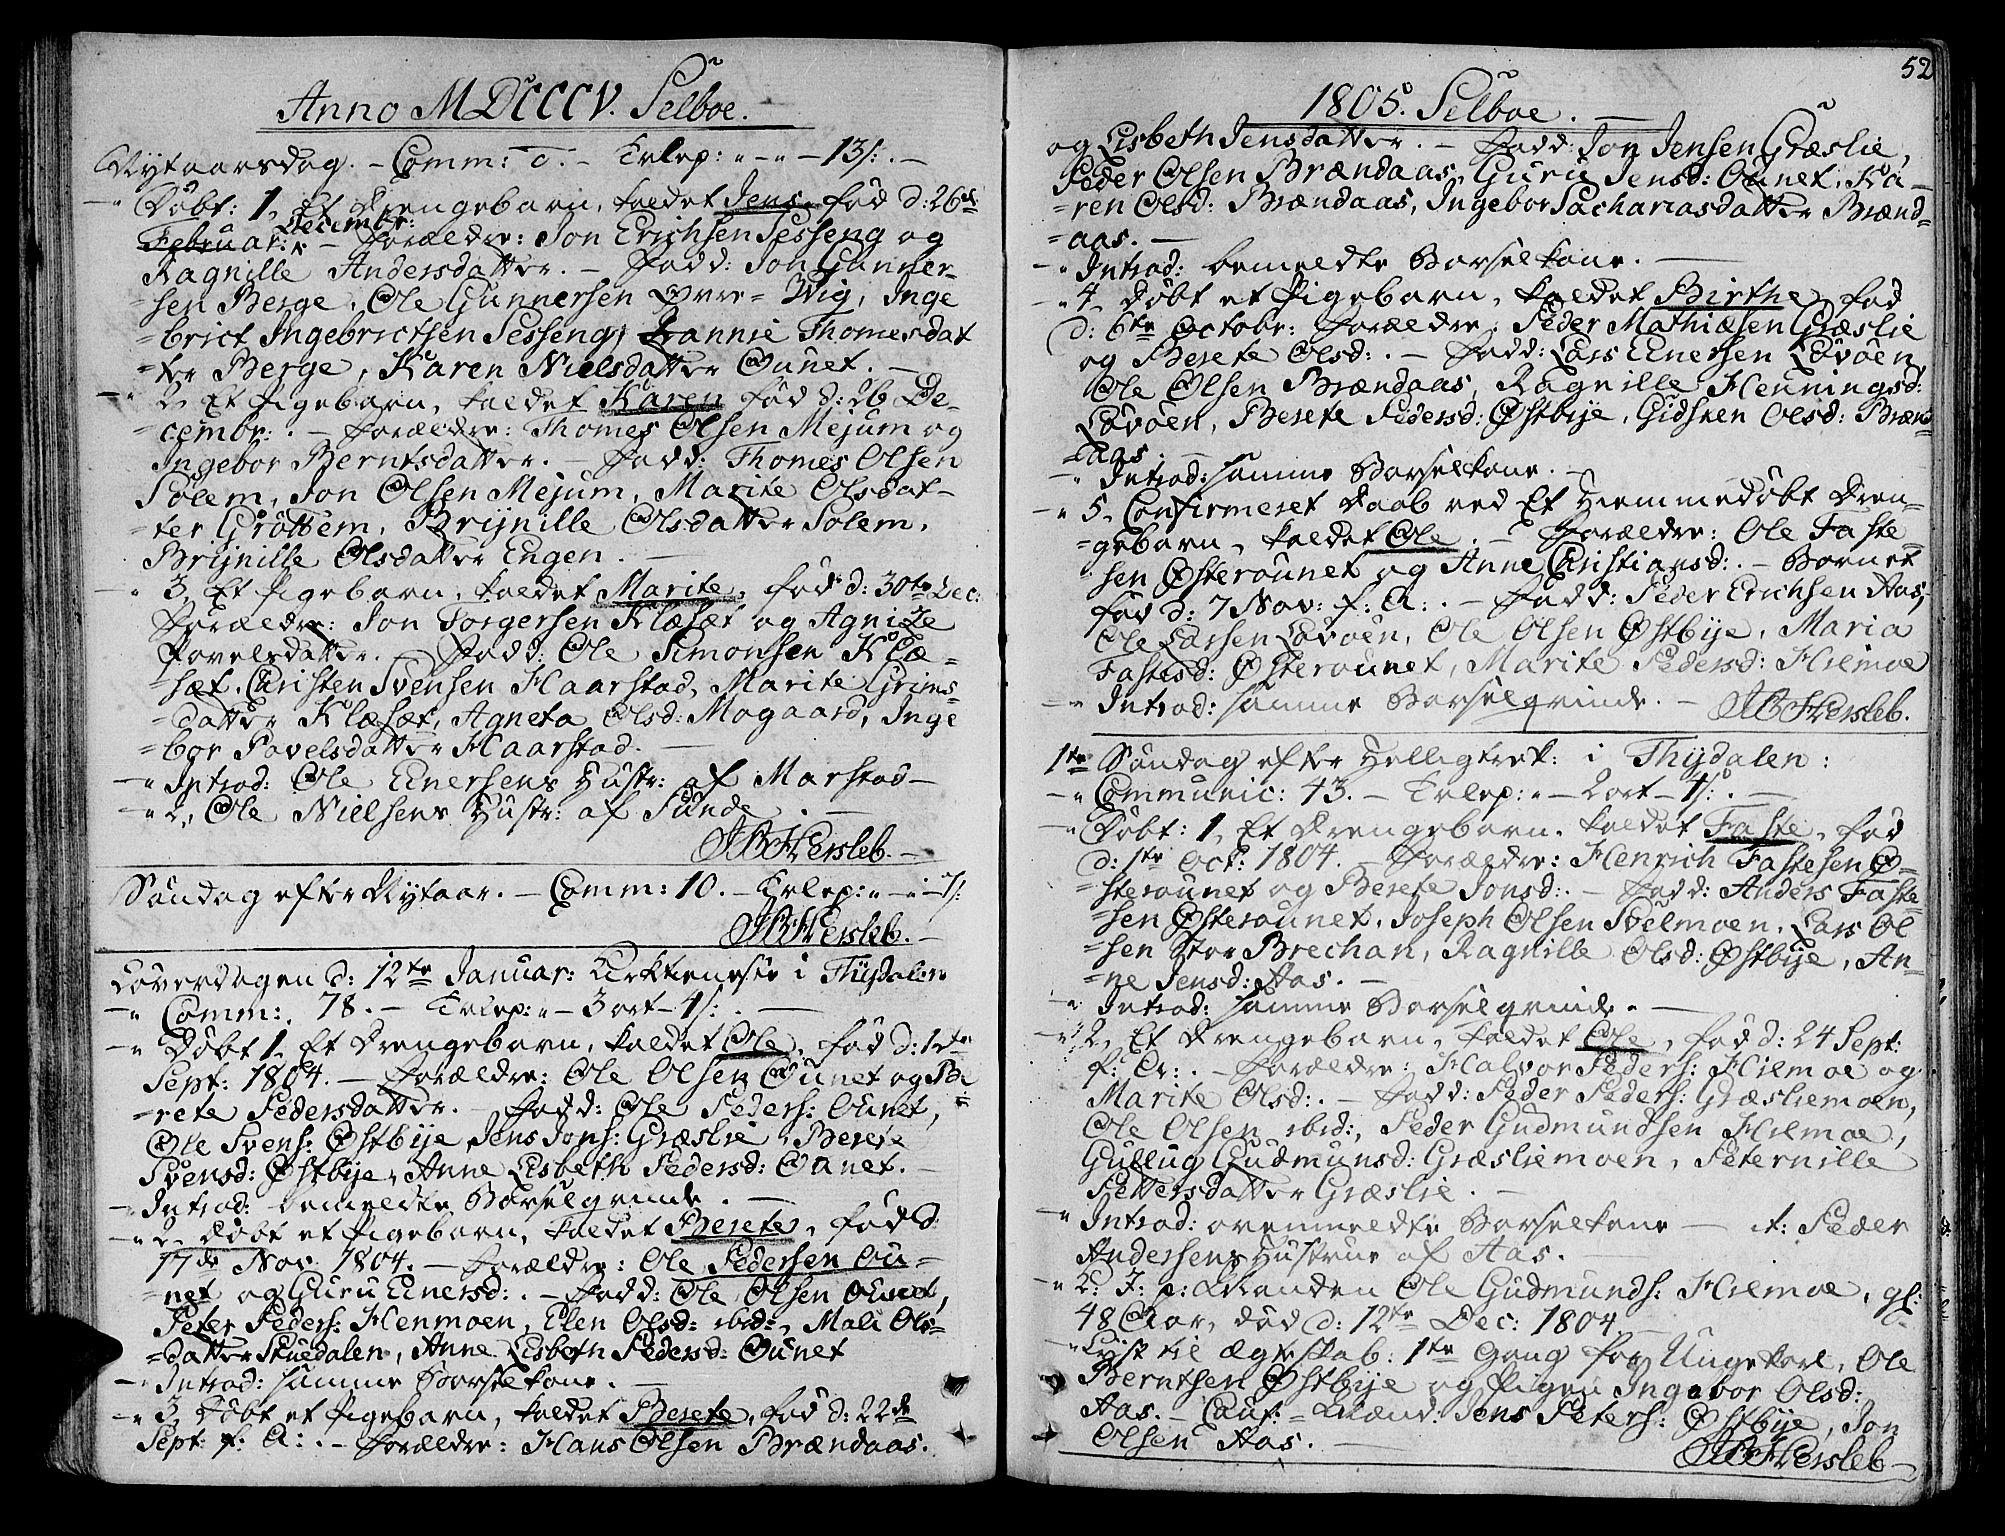 SAT, Ministerialprotokoller, klokkerbøker og fødselsregistre - Sør-Trøndelag, 695/L1140: Ministerialbok nr. 695A03, 1801-1815, s. 52